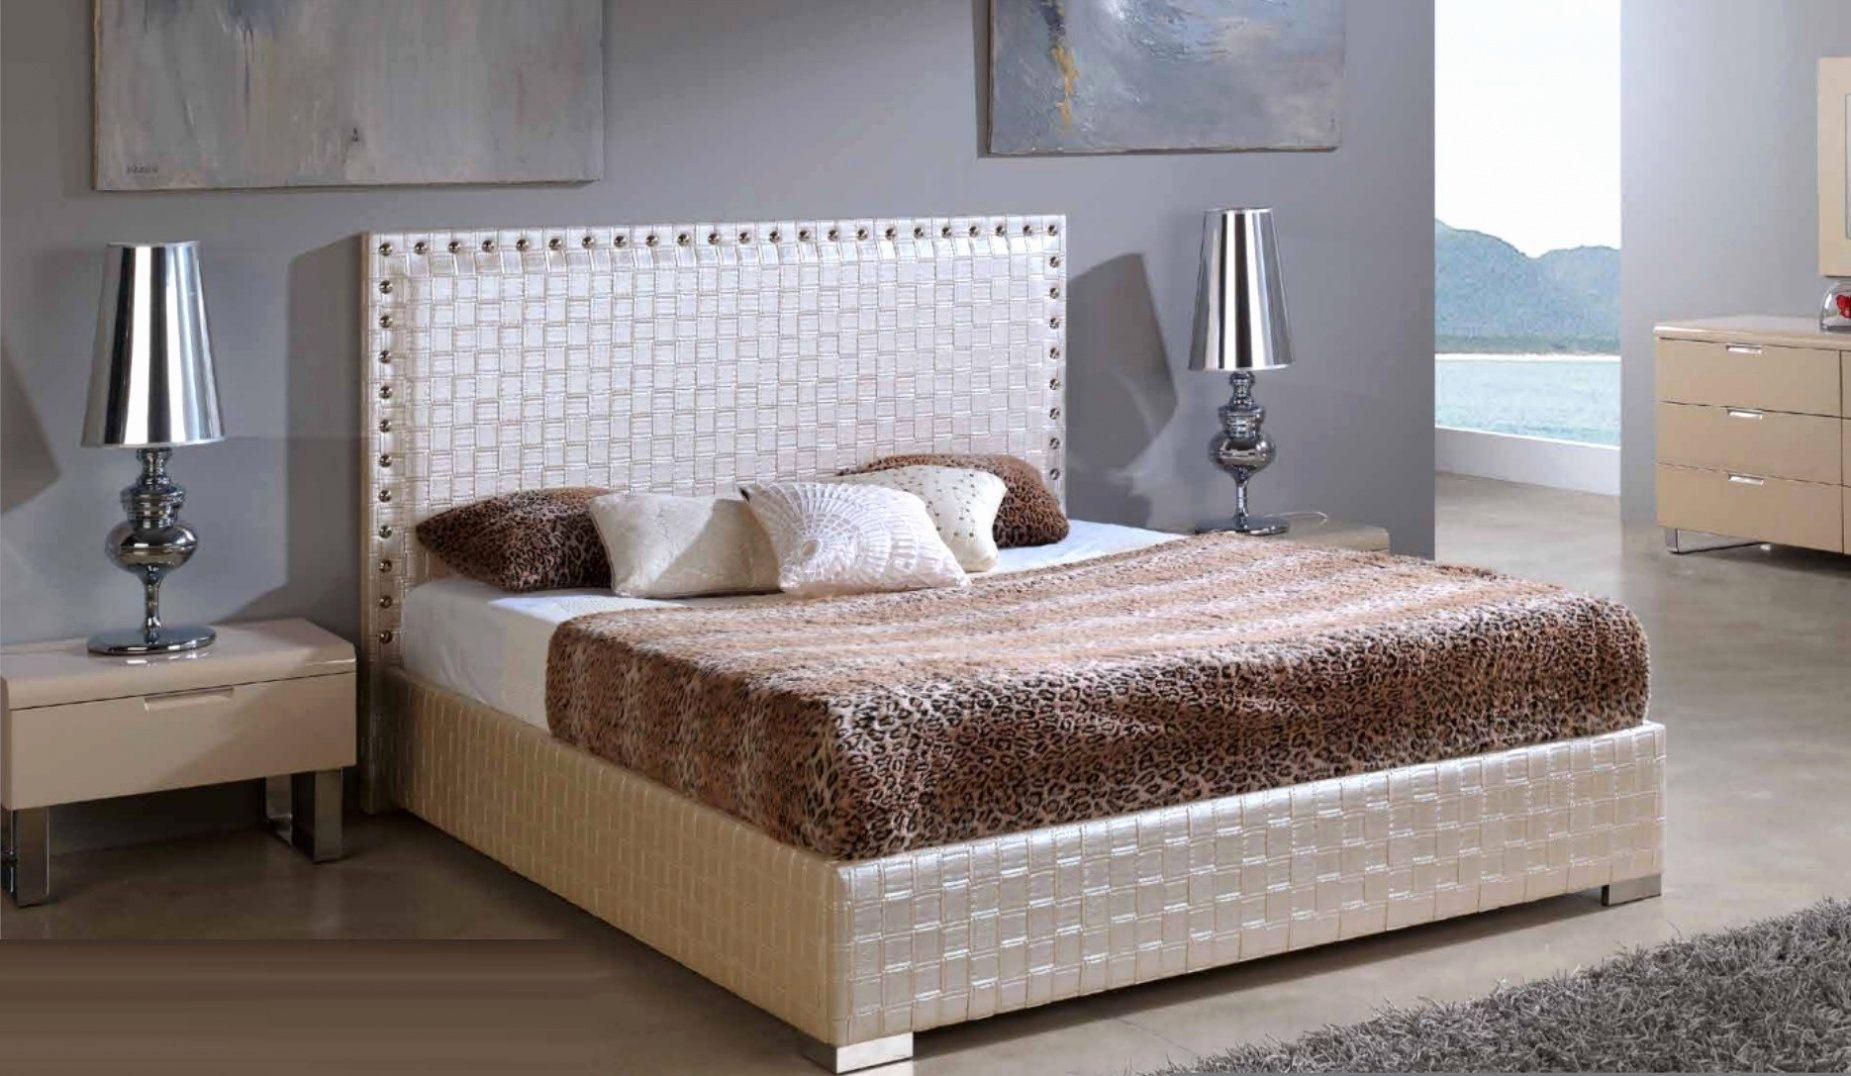 Tete De Lit Blanche 160 Le Luxe sove Tete De Lit 160 Blanc — sovedis Aquatabs